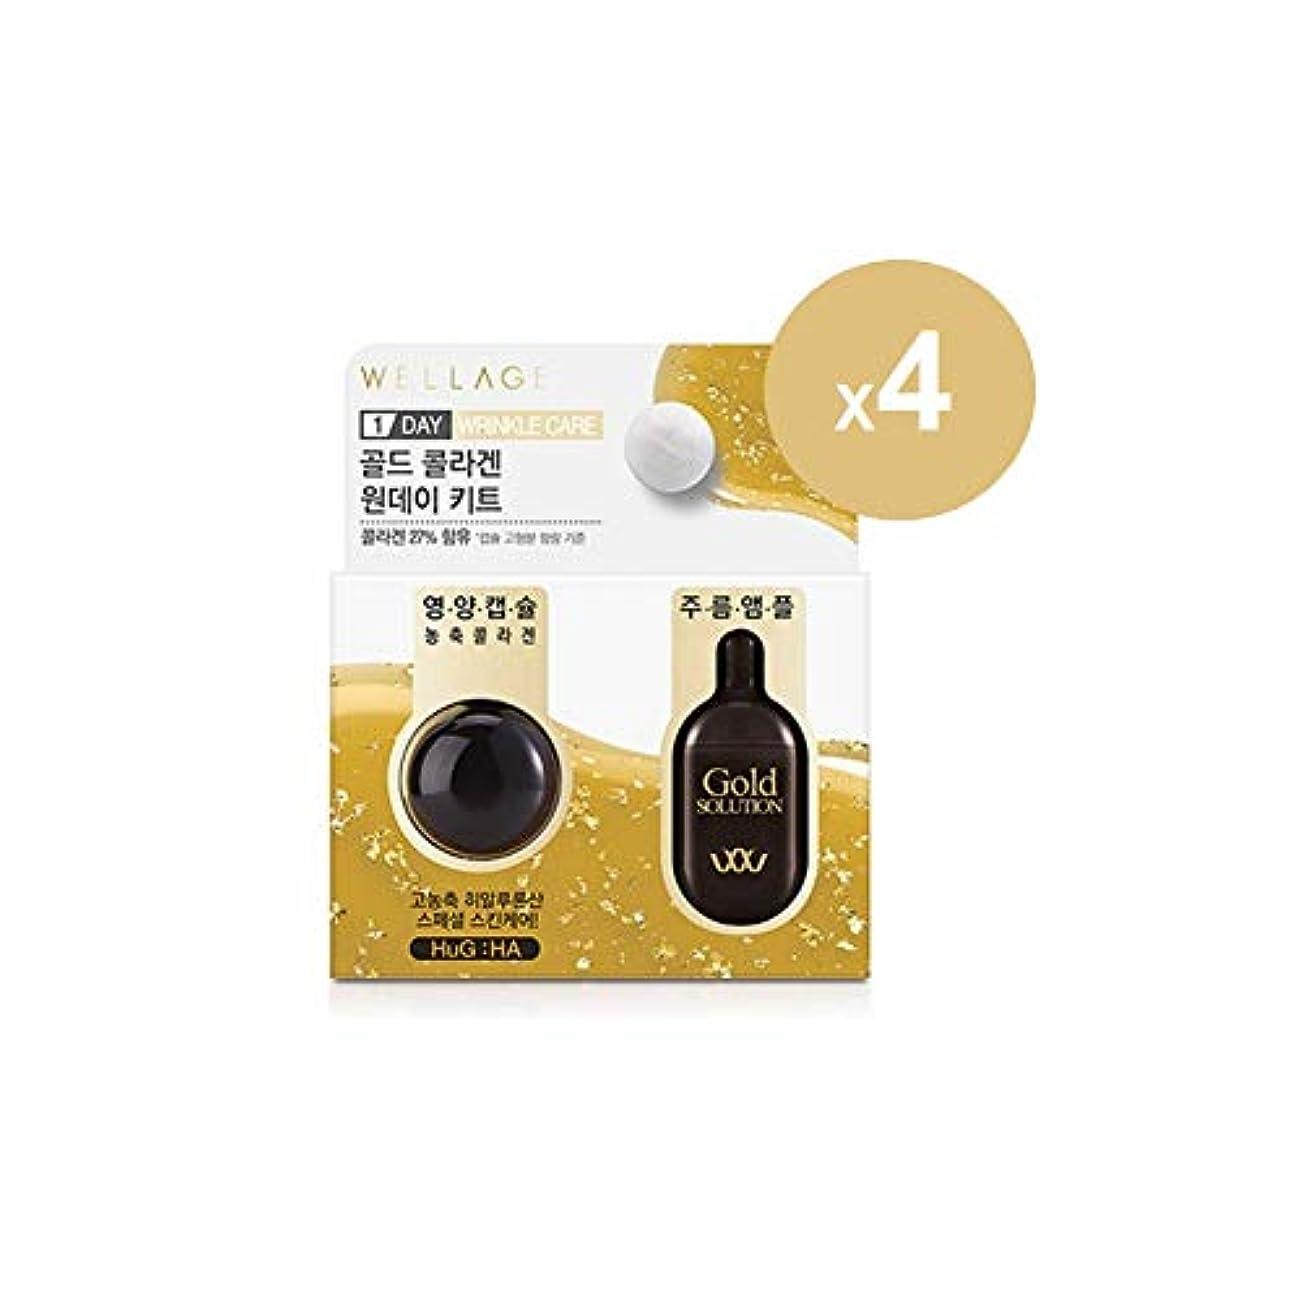 ベリ比類のない瞑想的wellage☆Real Collagen Bio Capsule&Gold Solution☆ウェルラジュ ゴールドコラーゲン1dayキット [並行輸入品]